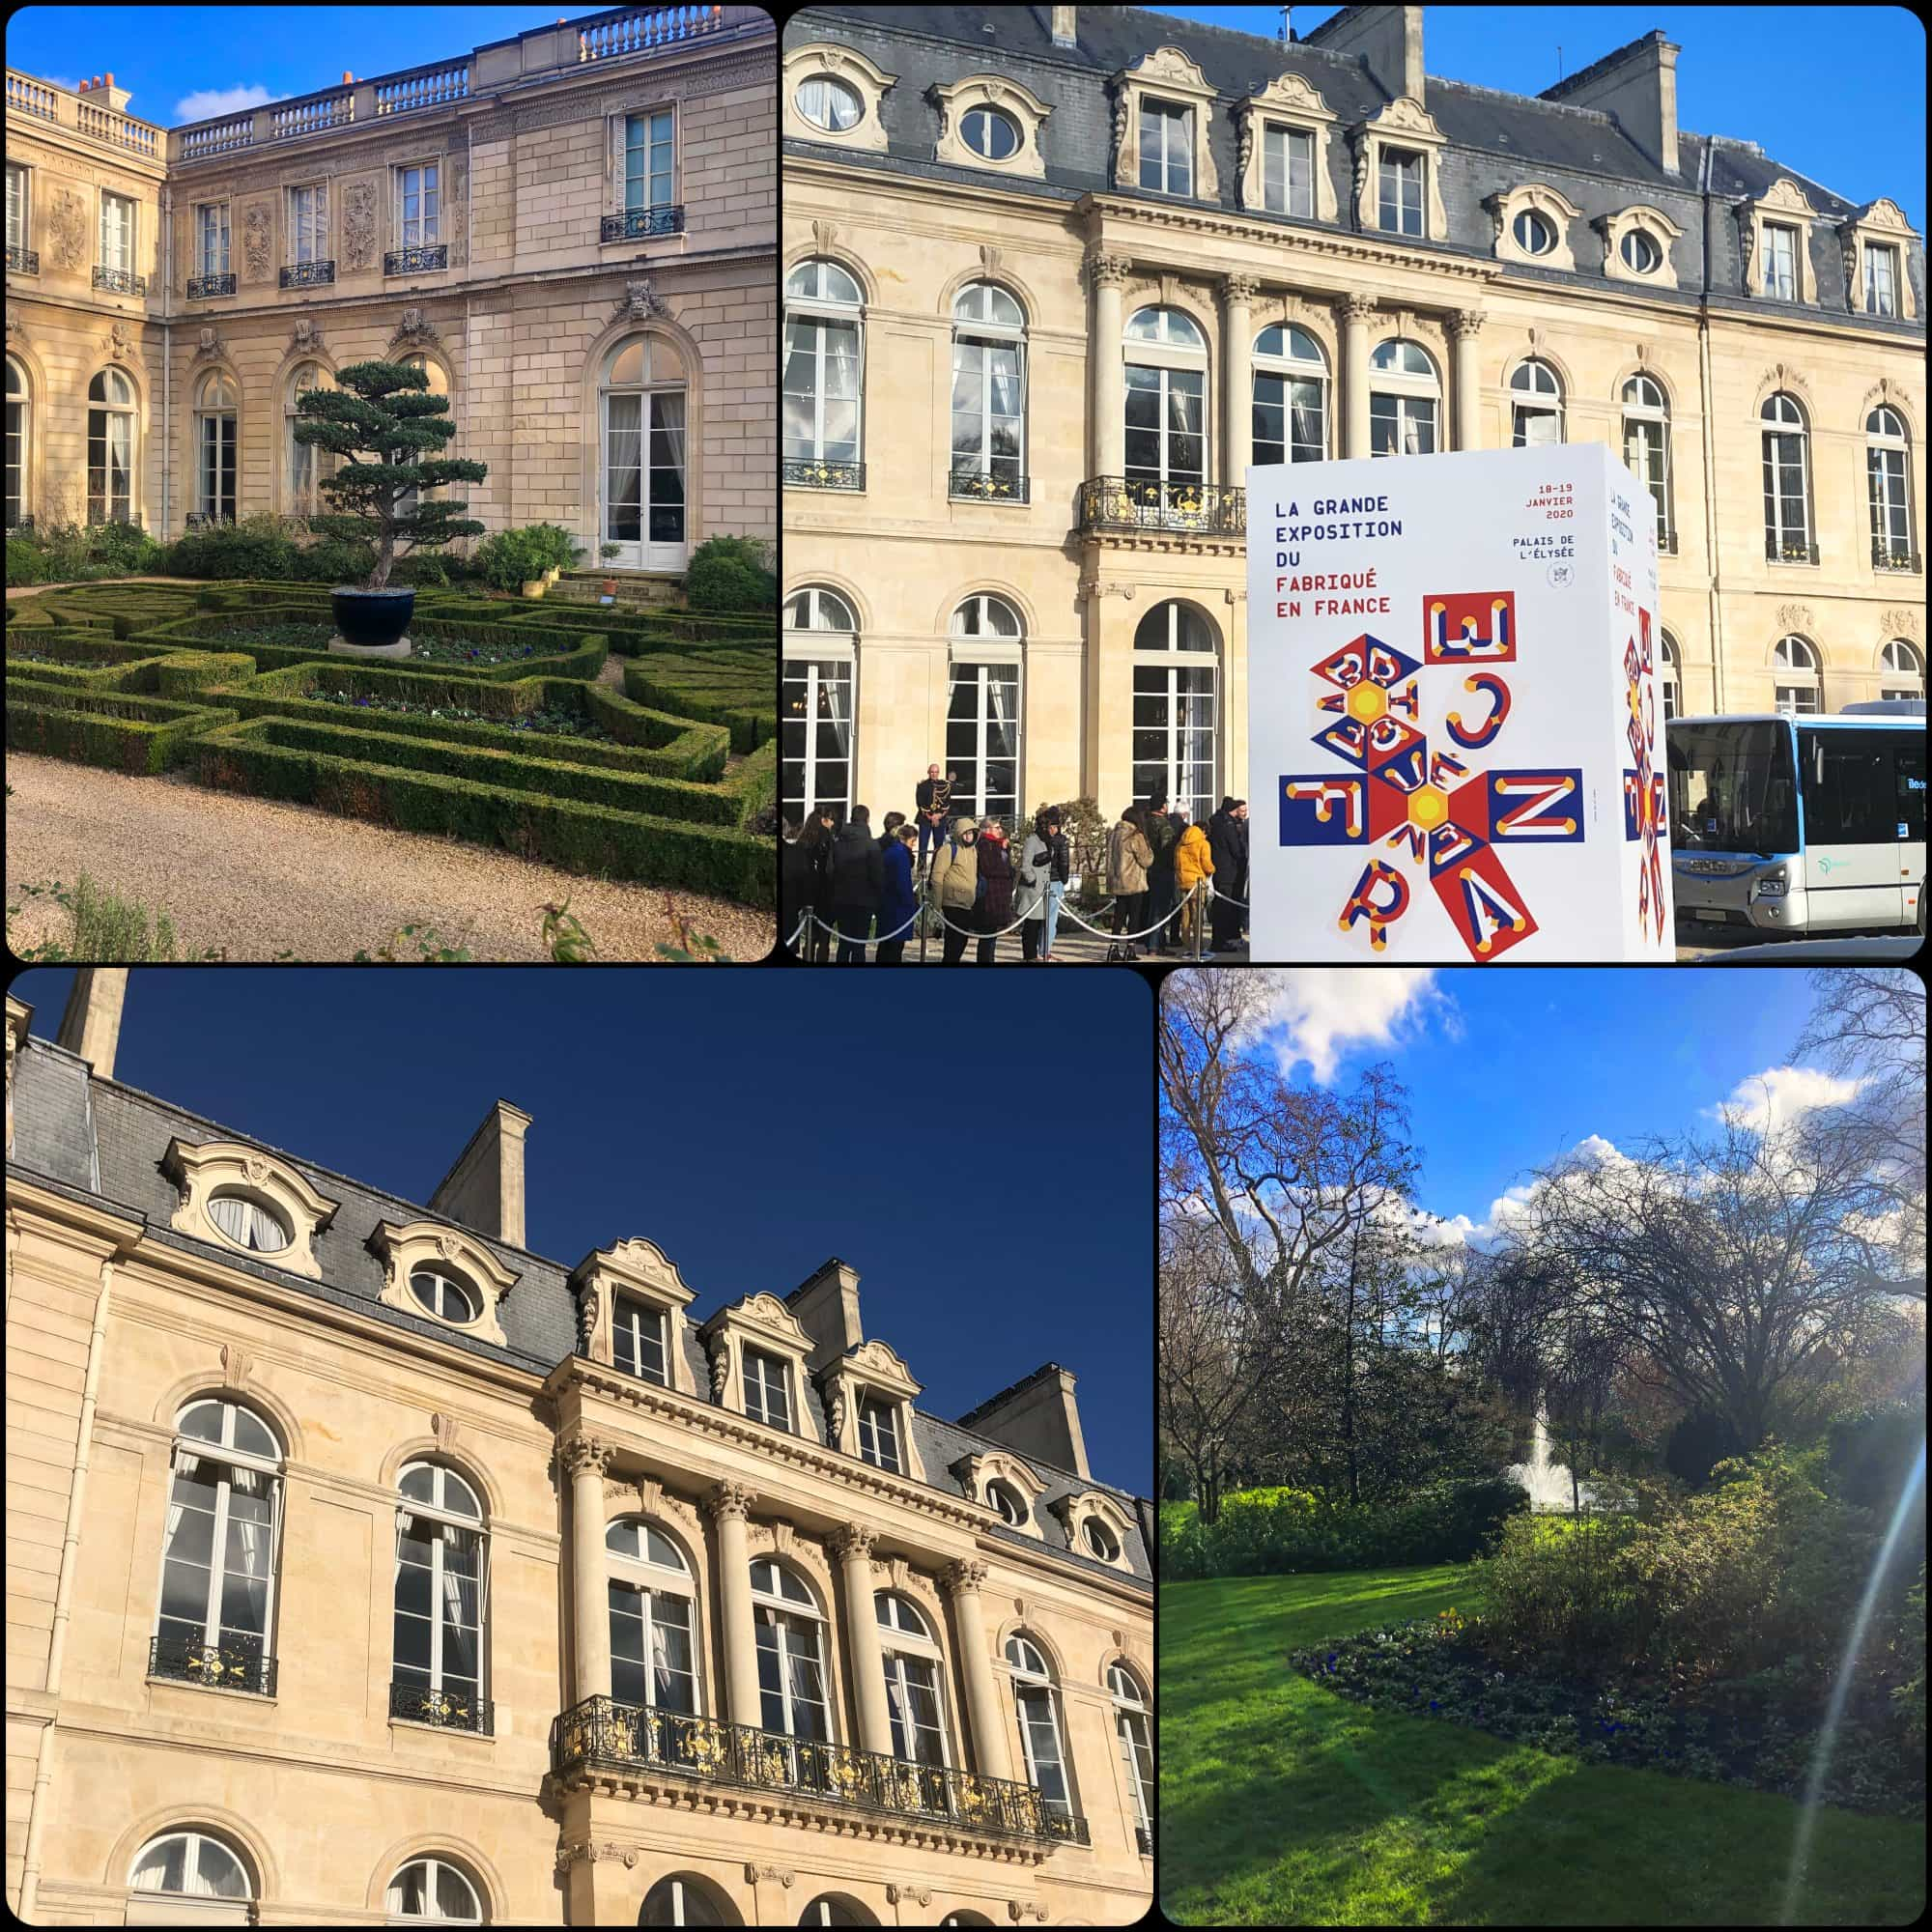 Famous Elysée Garden. Fabriqué en France à Présidence de la République par RUNWAY MAGAZINE